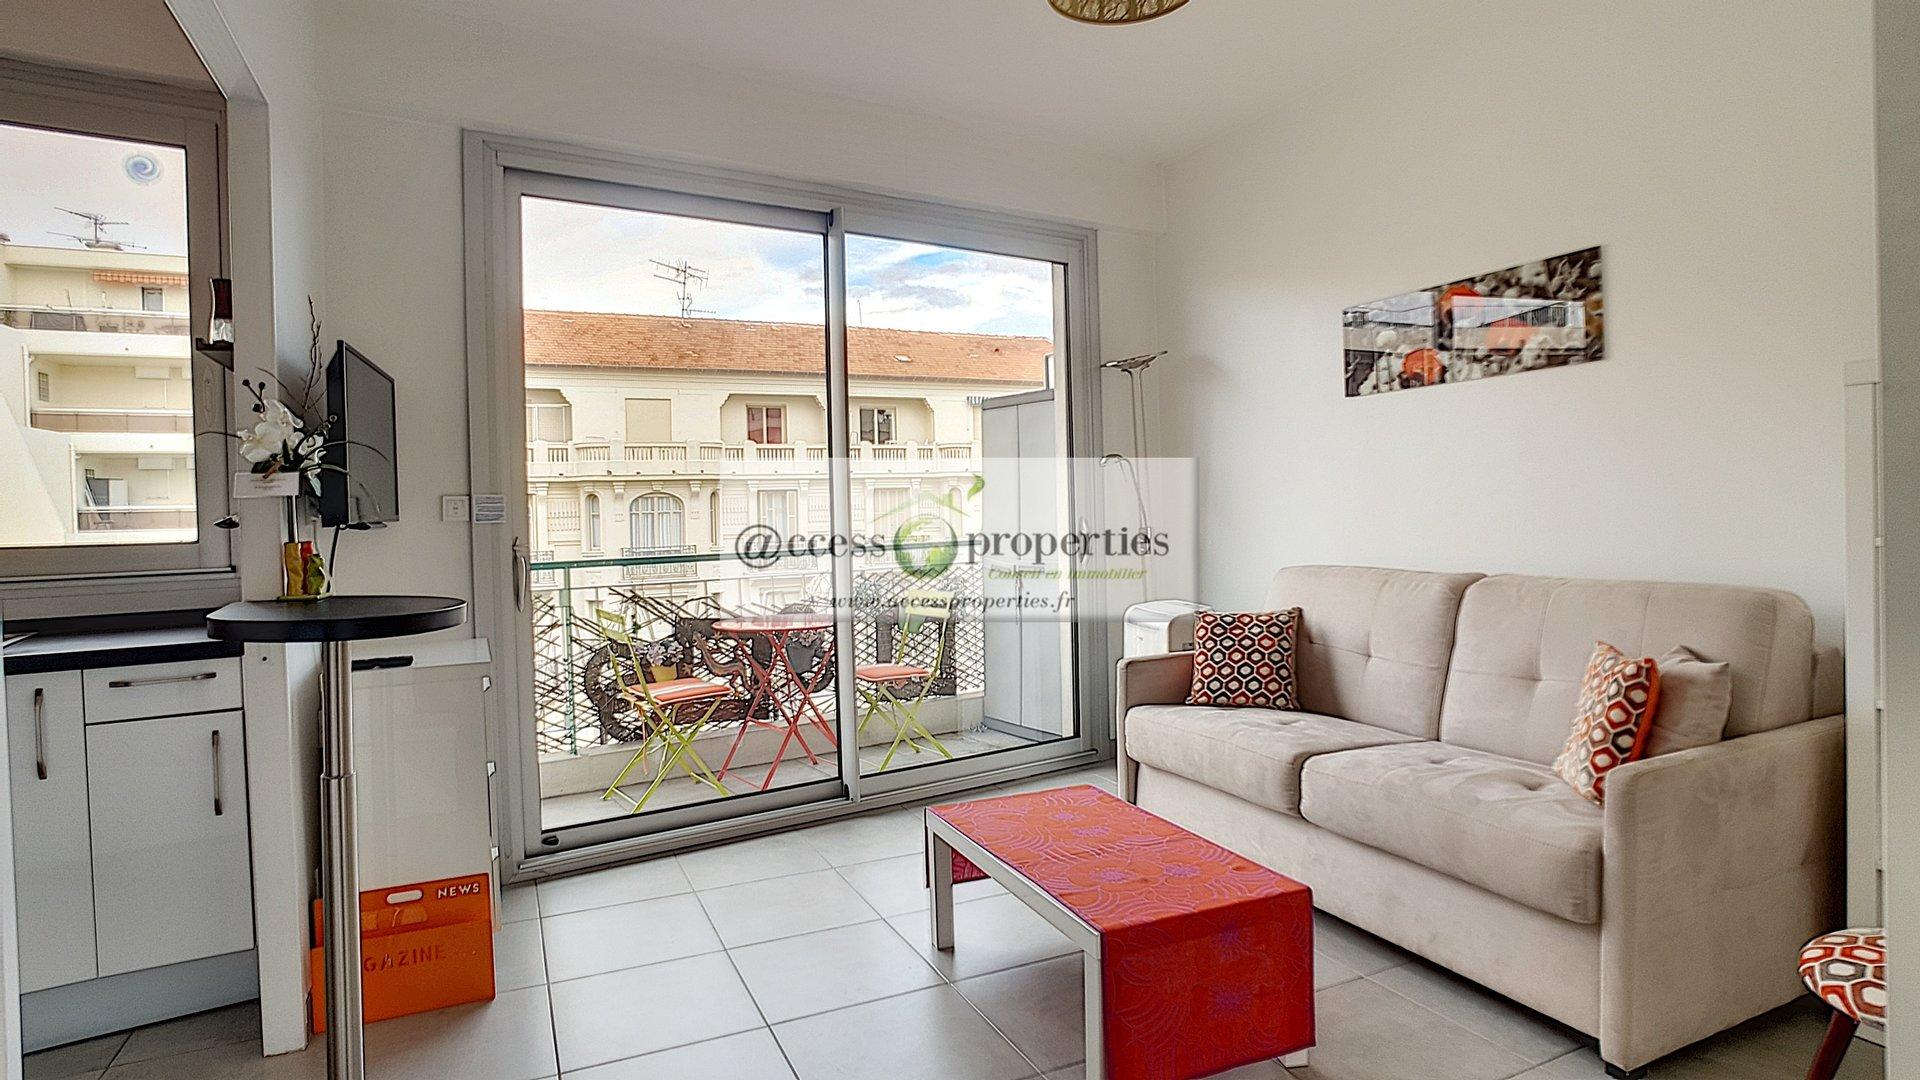 Affitto Appartamento - Nizza (Nice) Baumettes